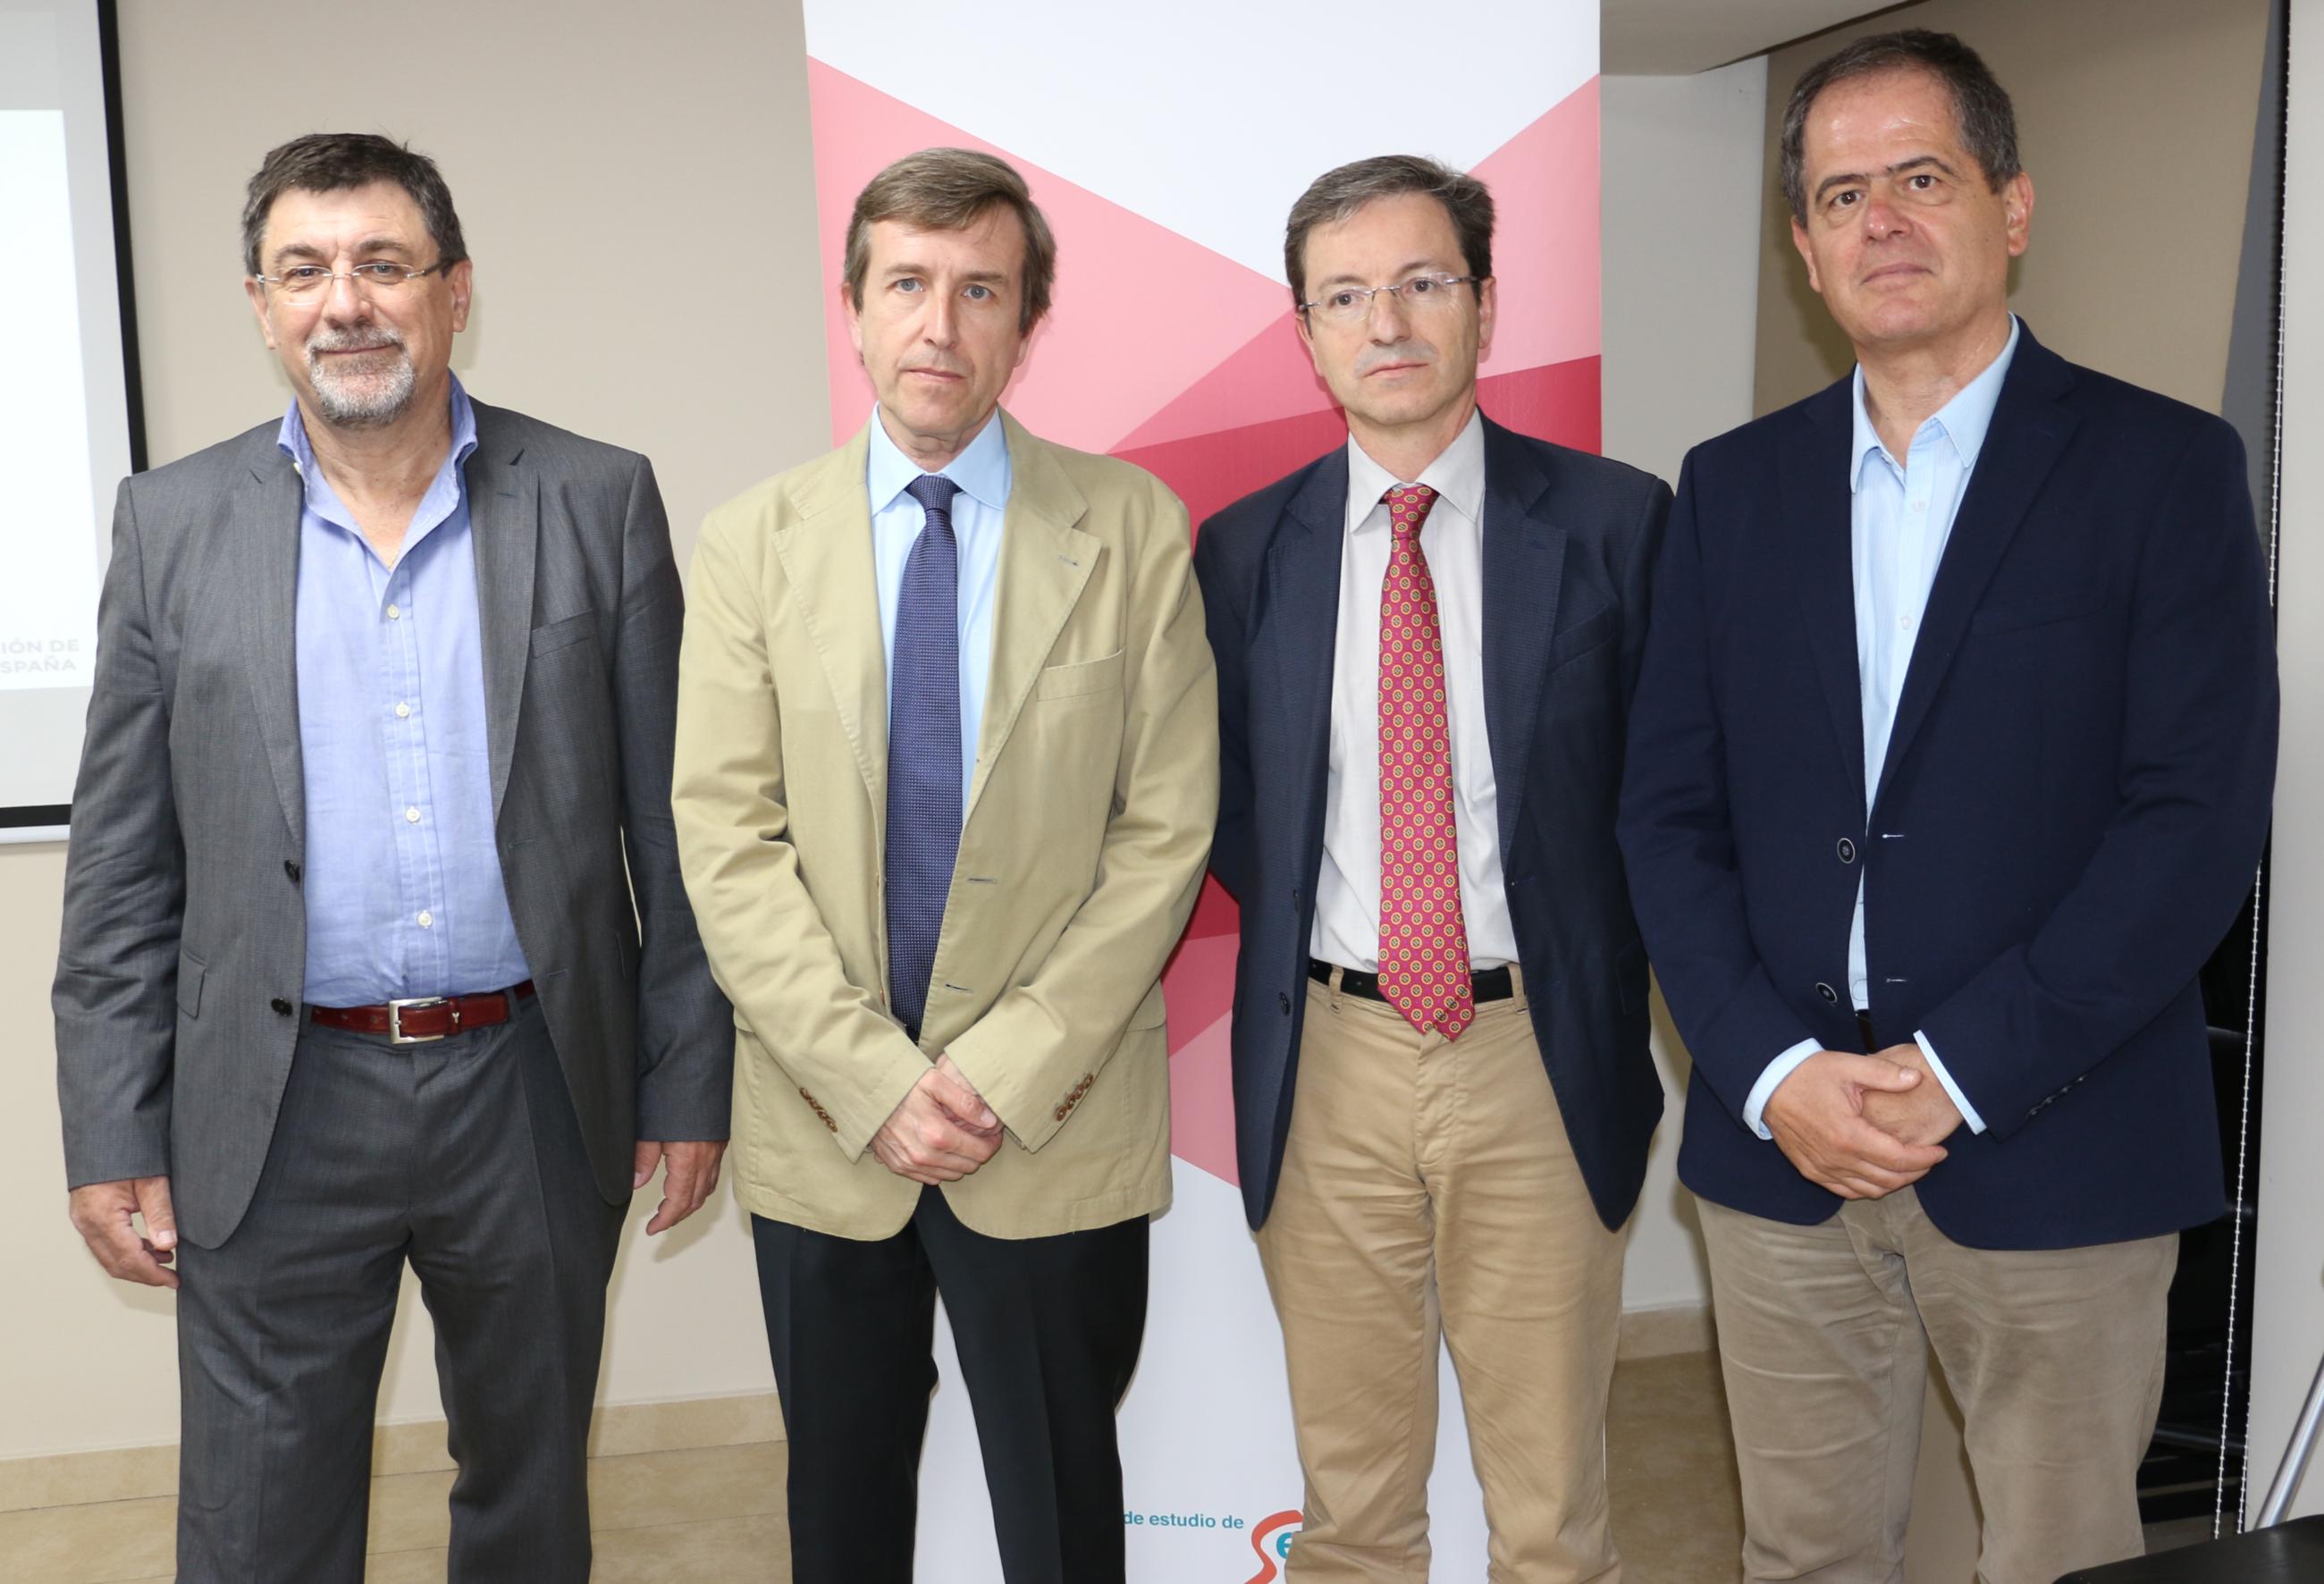 La prevalencia de la coinfección activa por el virus de la hepatitis C en personas con VIH en España se ha reducido más de un 60% en dos años y ya se sitúa por debajo del 10%